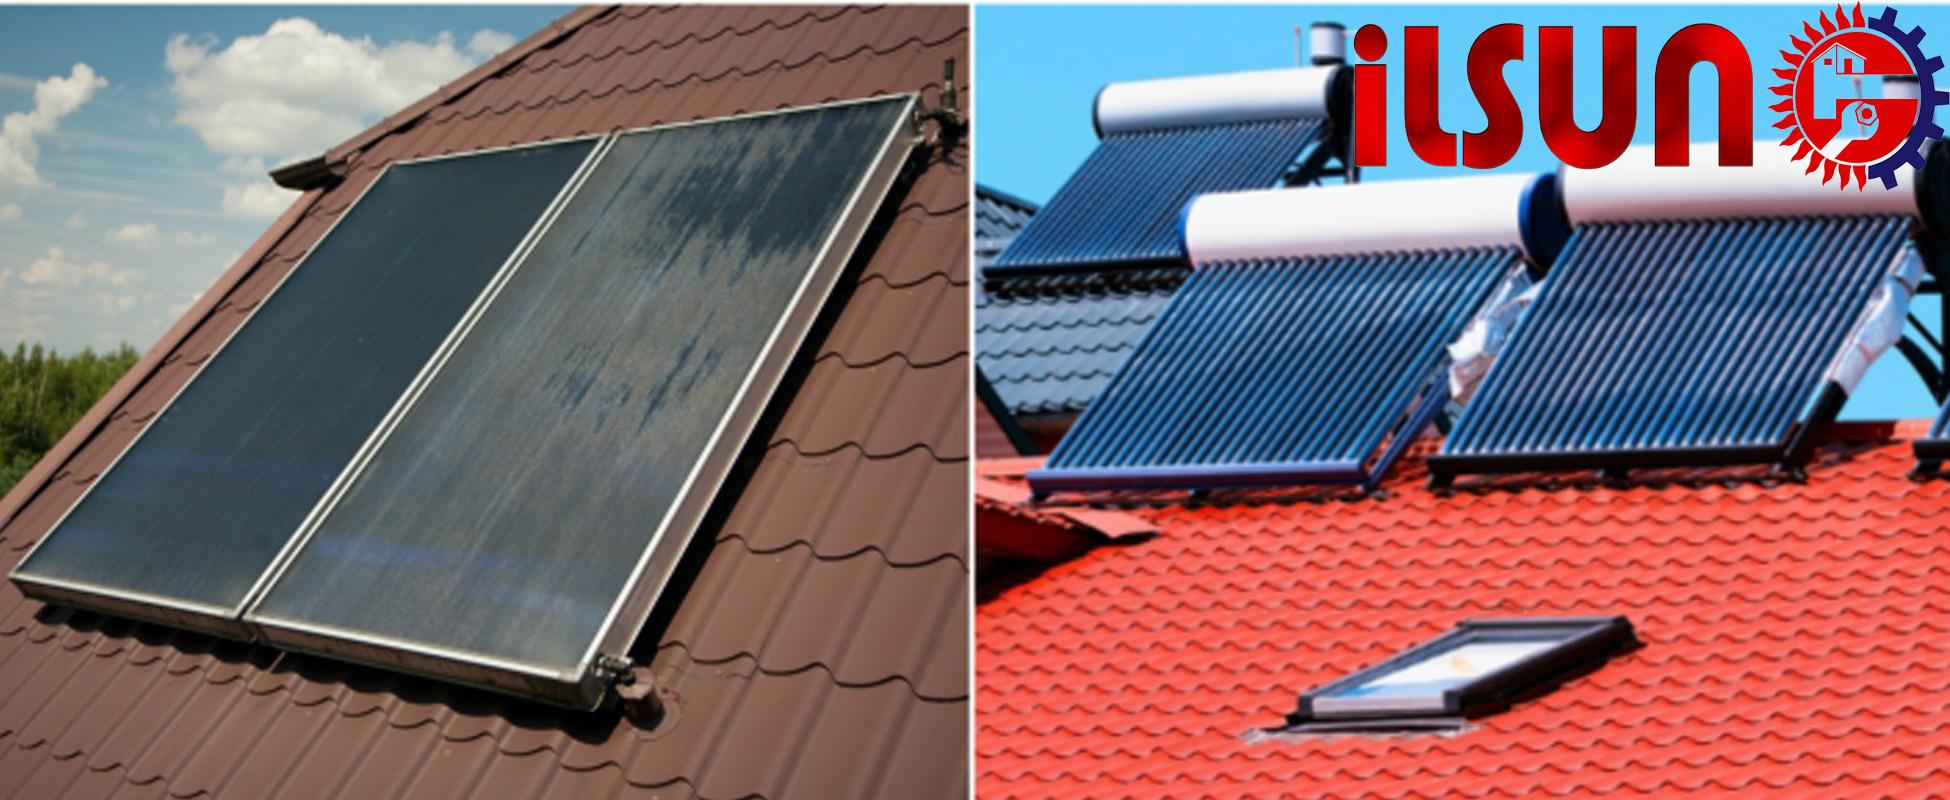 خرید آبگرمکن خورشیدی . چیزهایی که یک نصاب آبگرمکن خورشیدی باید بداند؟